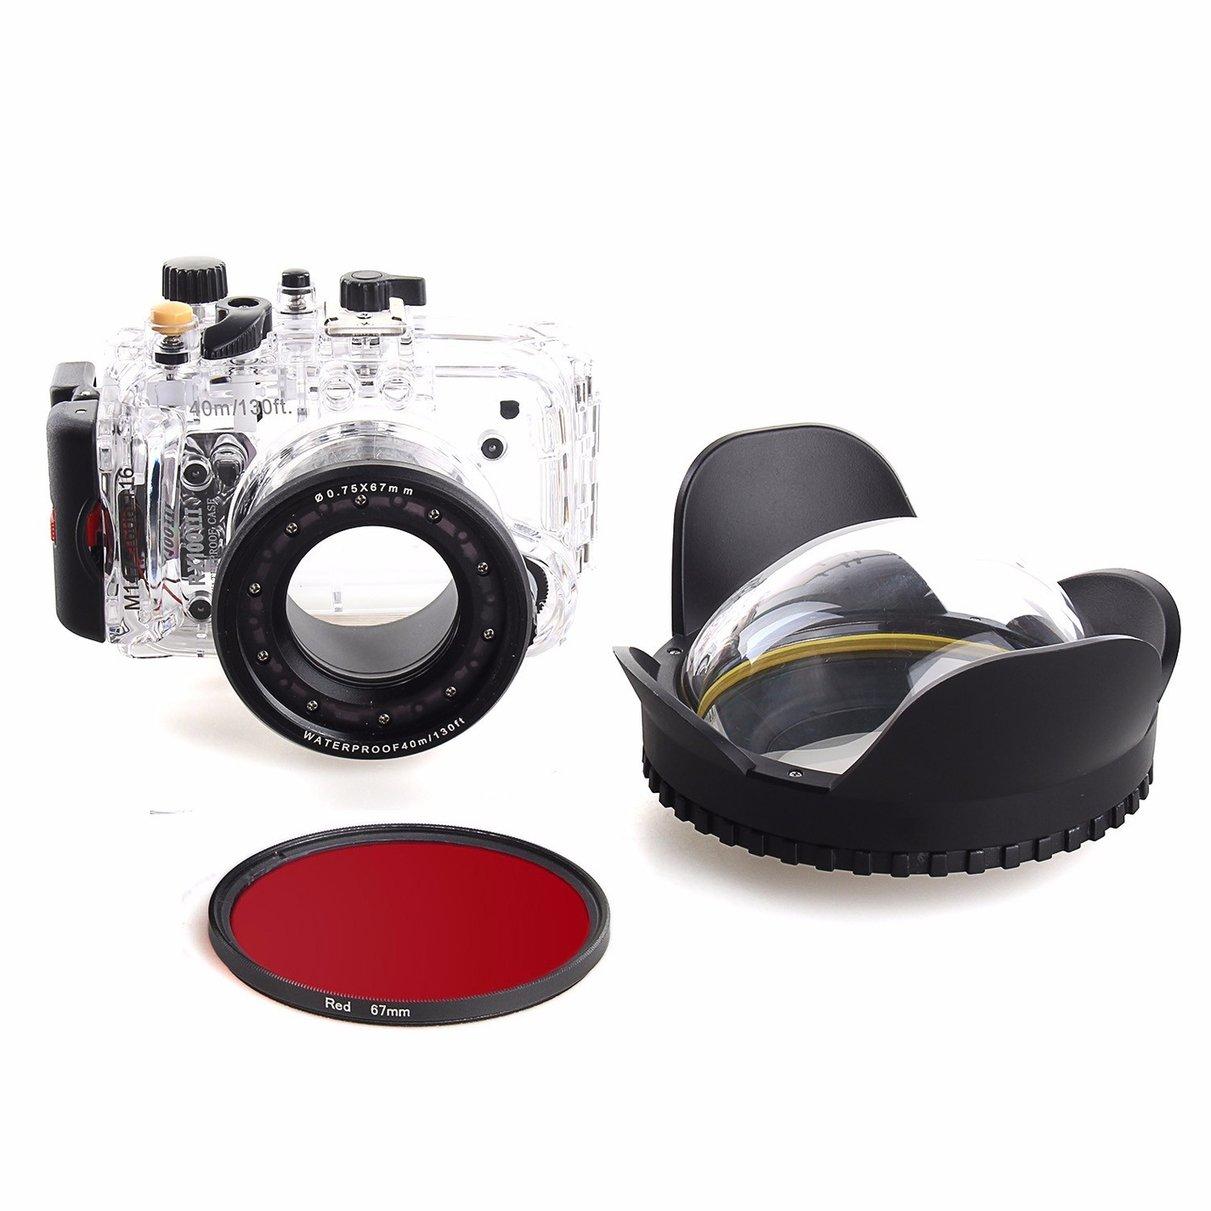 40 m/130f carcasa subacuática impermeable para Sony RX100 III + 67mm filtro rojo + 67mm Puerto domo de lente de ojo de pez